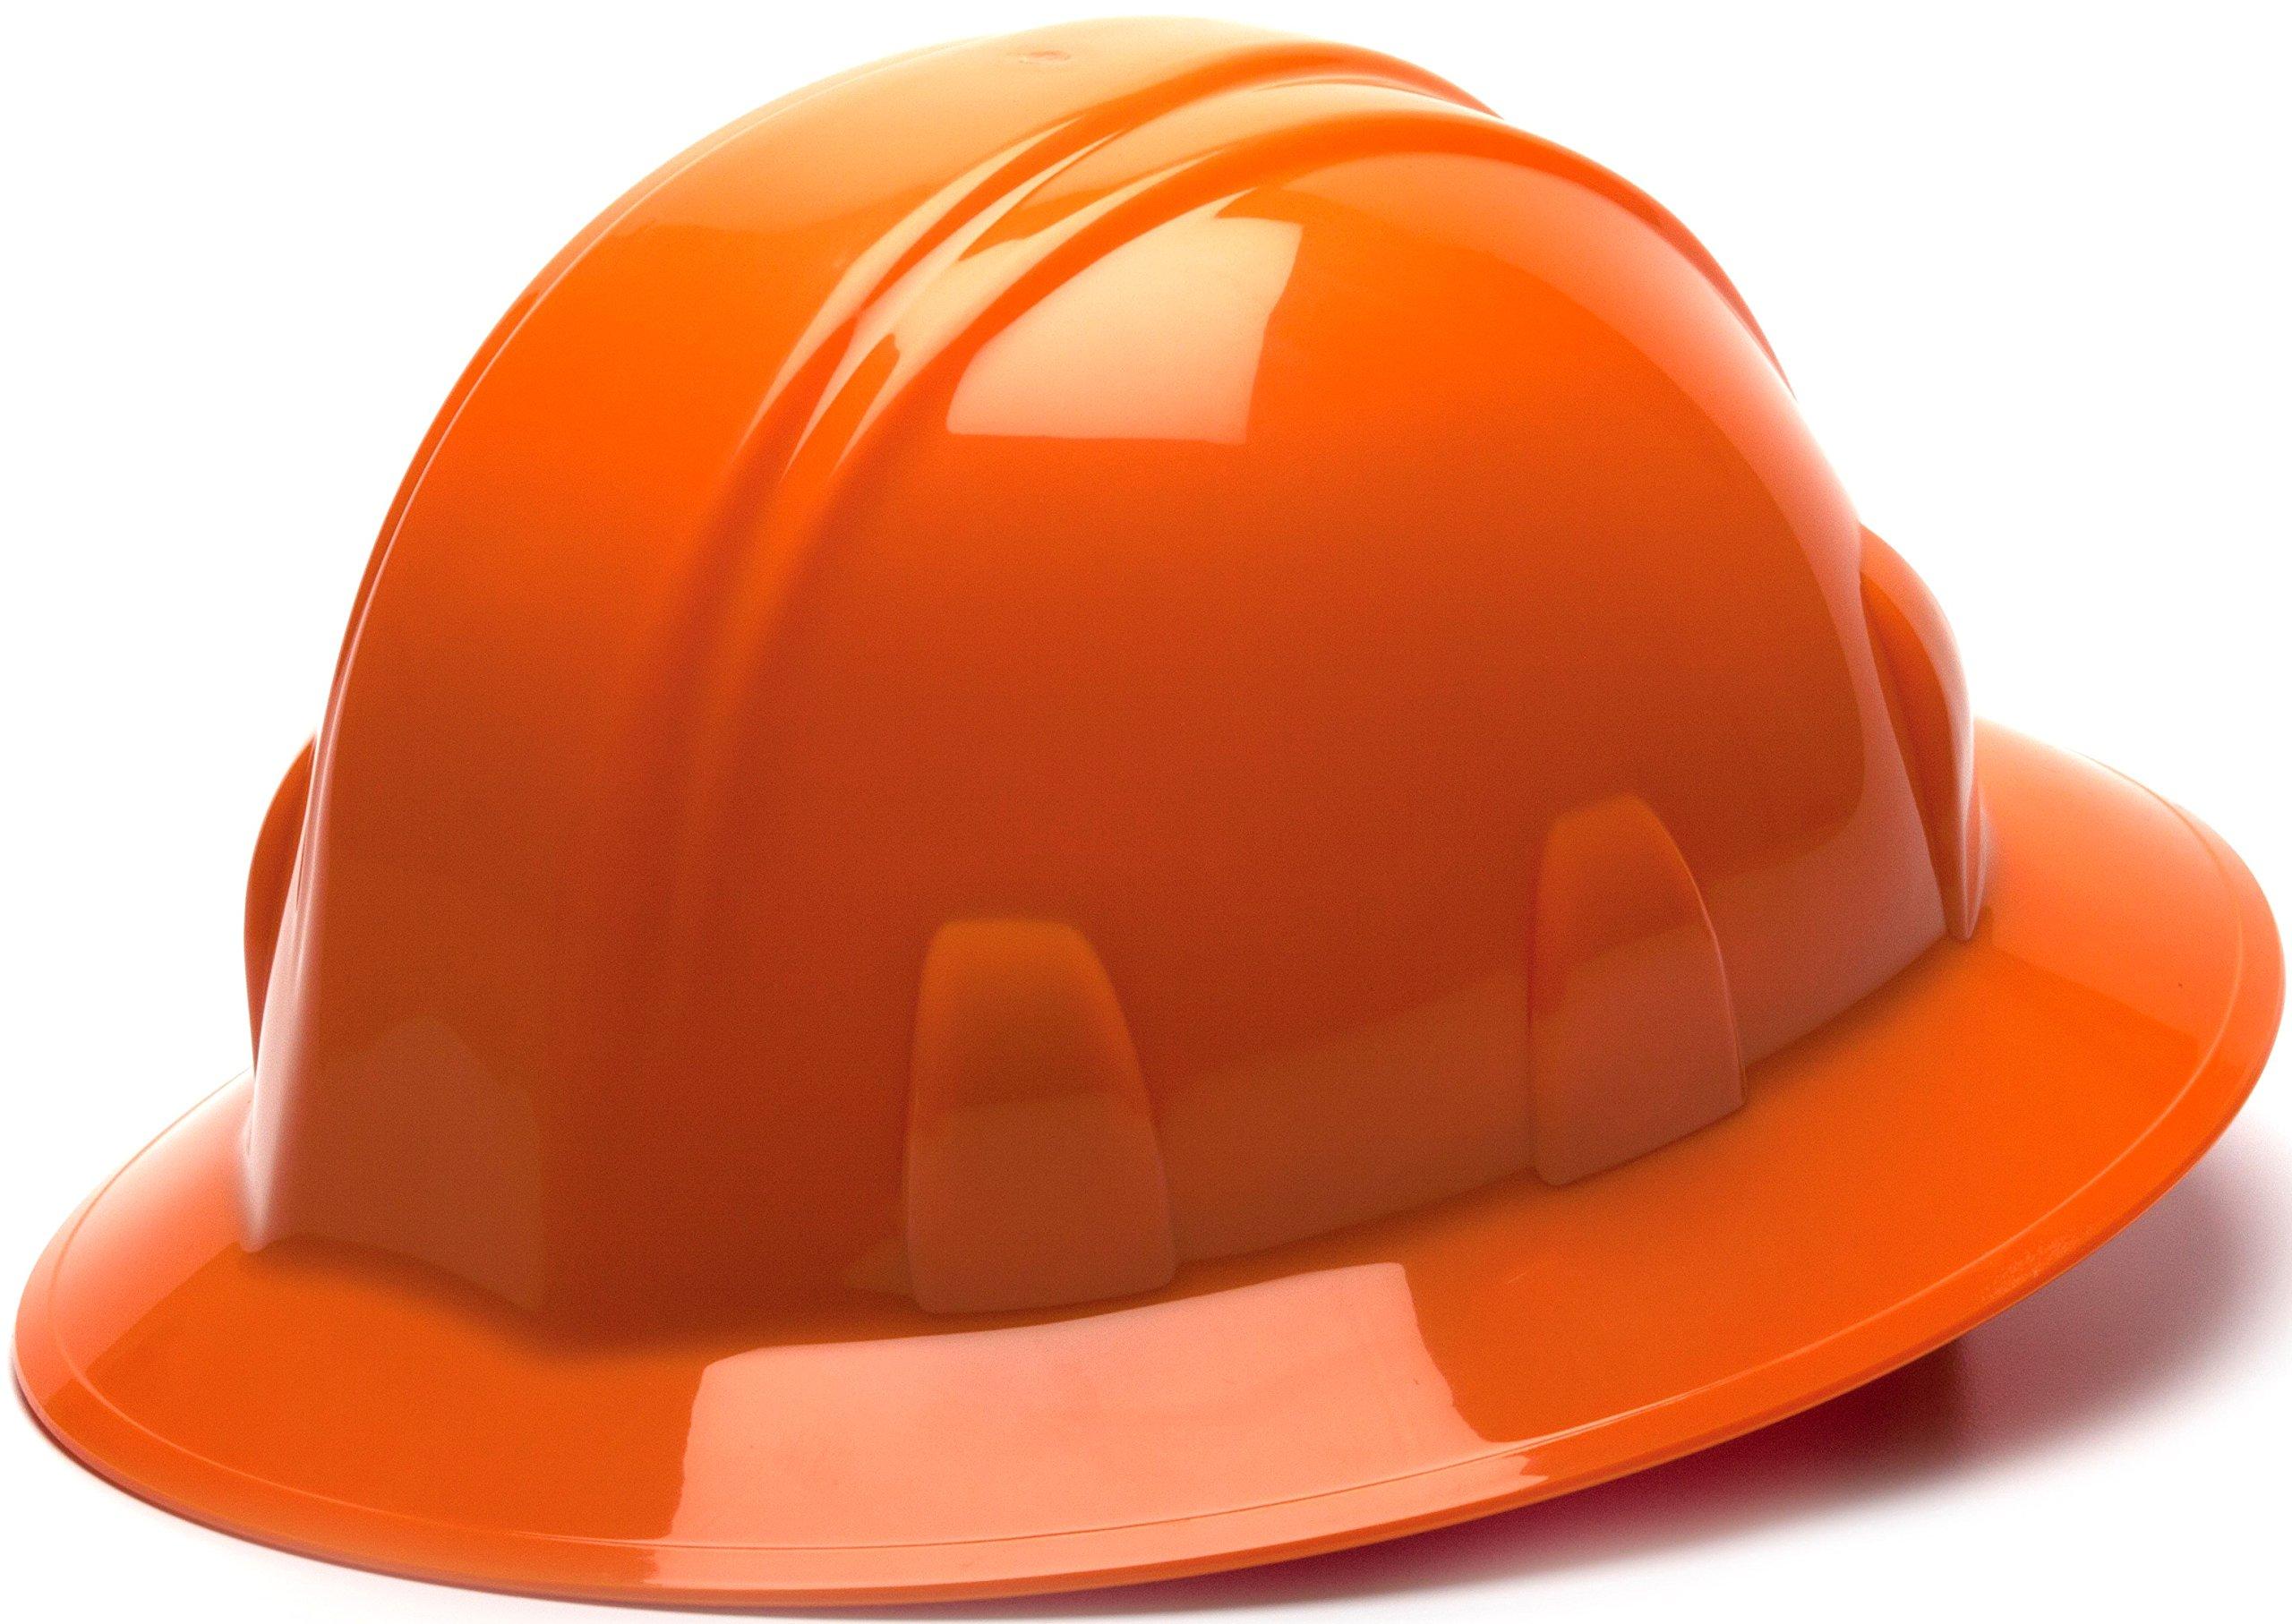 Pyramex Safety SL Series Full Brim Hard Hat, 4-Point Ratchet Suspension, Orange